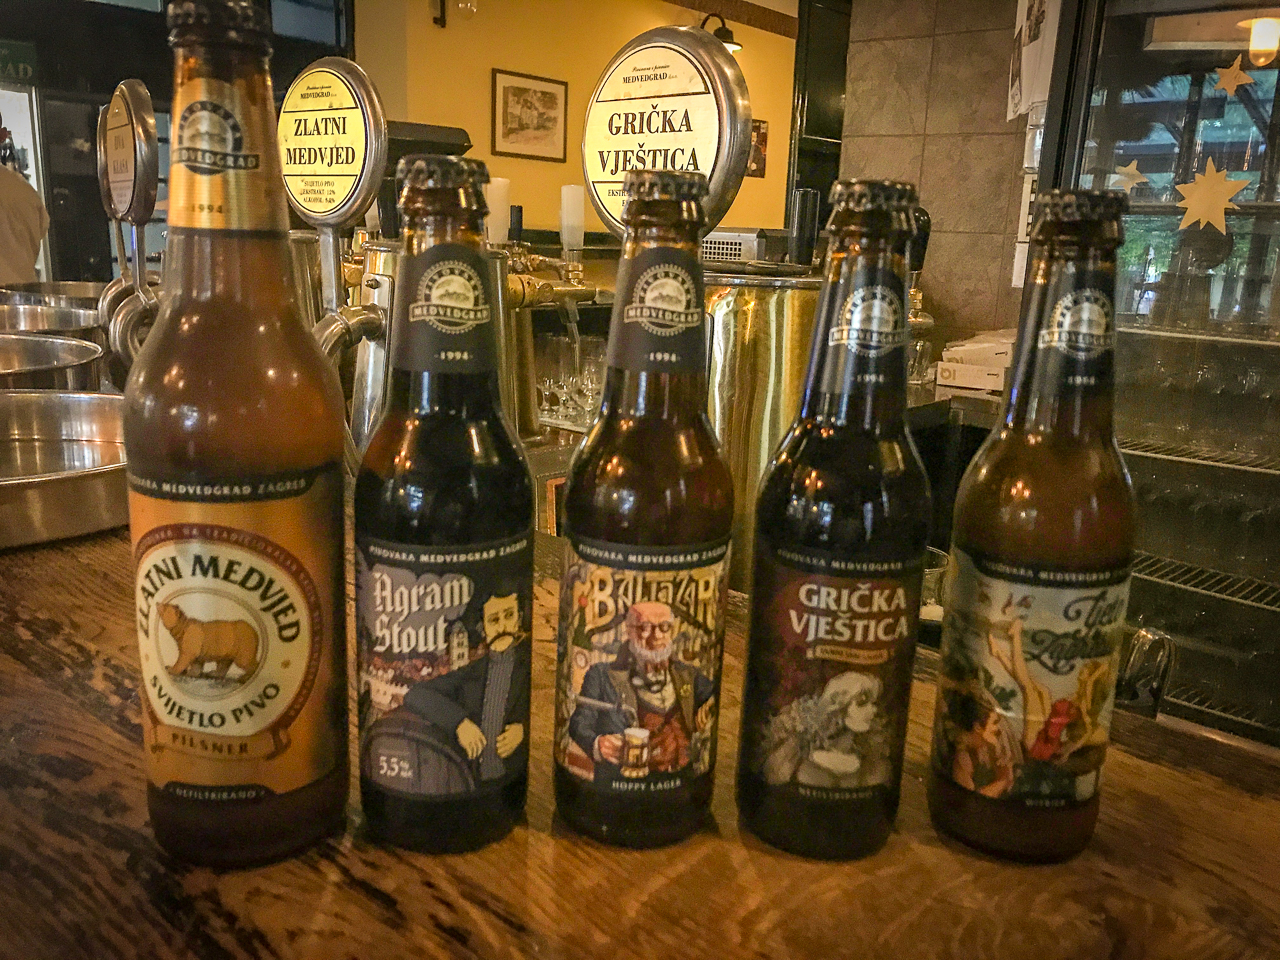 Pivovara Medgredvad Beers for Sale